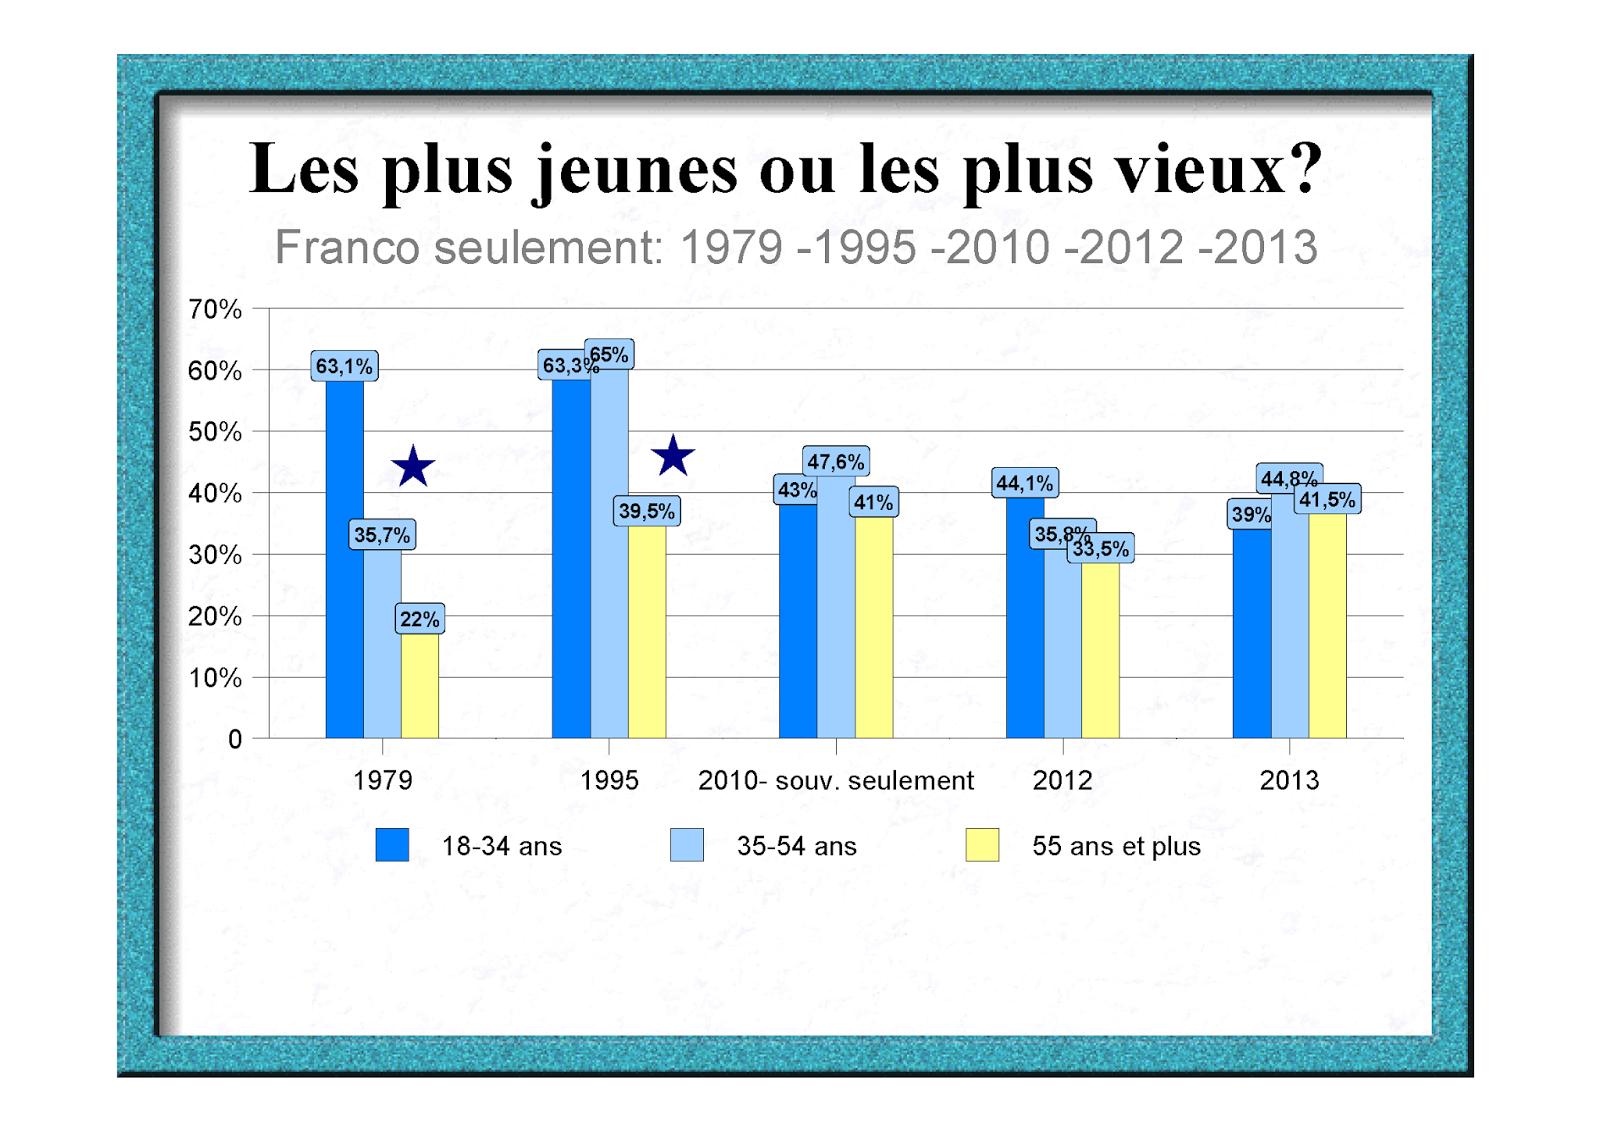 Source: Claire Durand, Ah! Les sondages